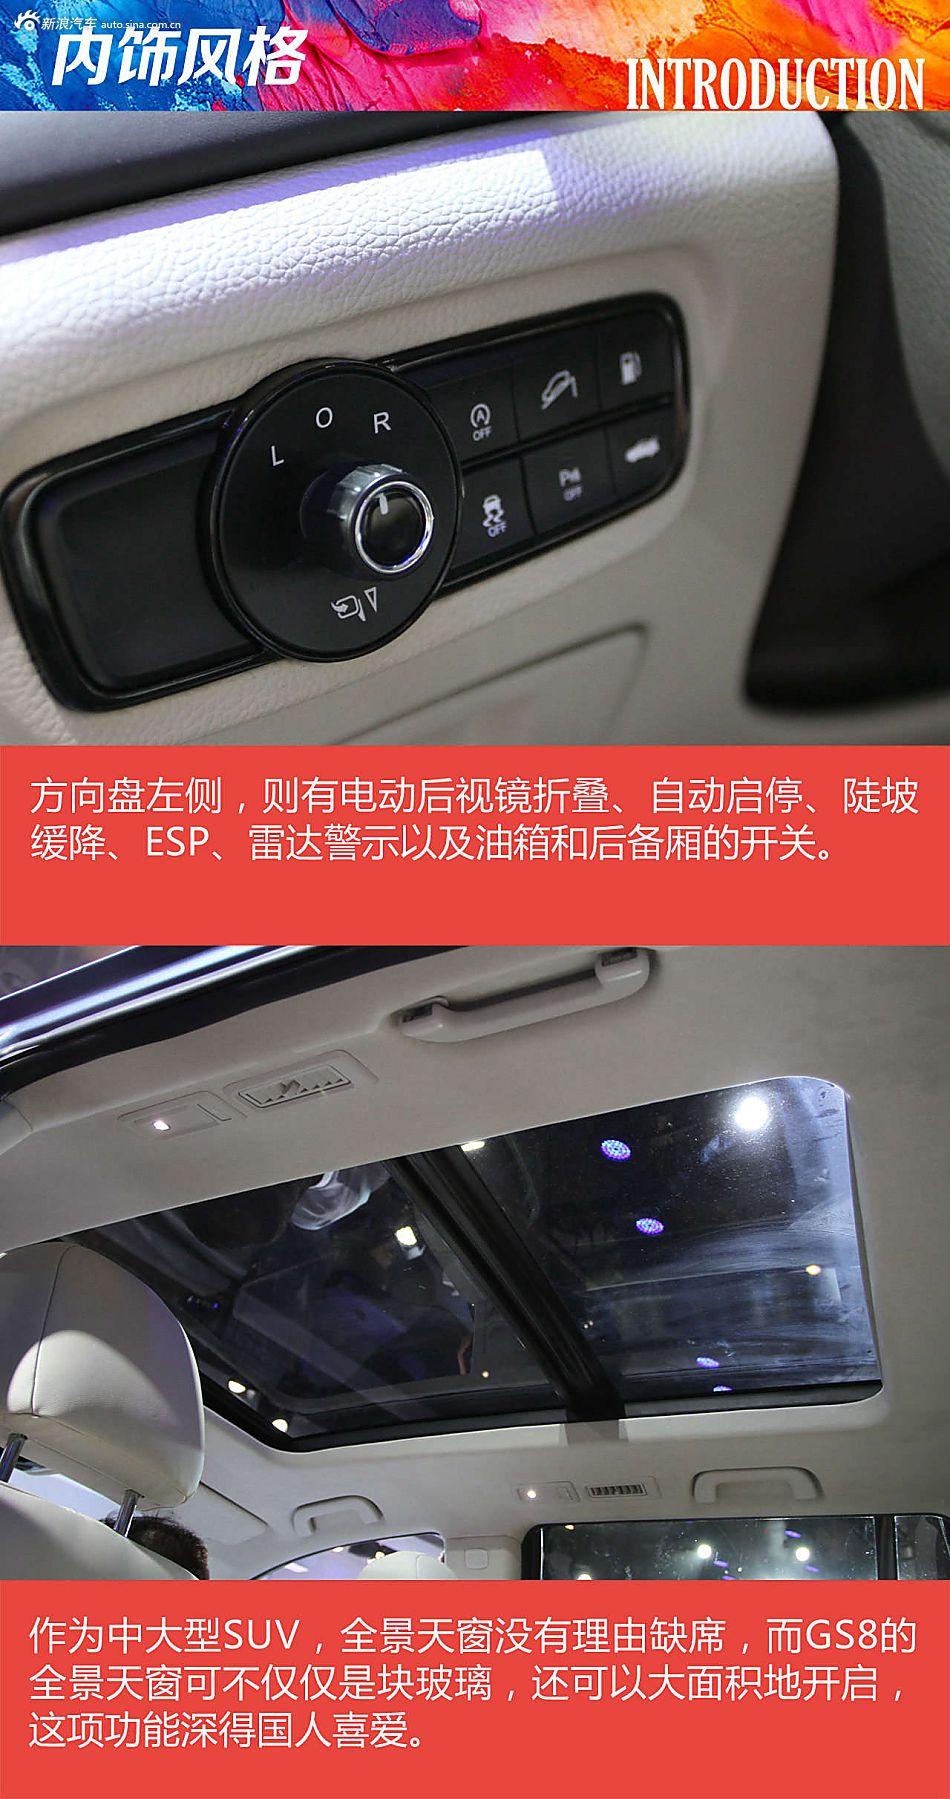 北京车展静态解析传祺GS8